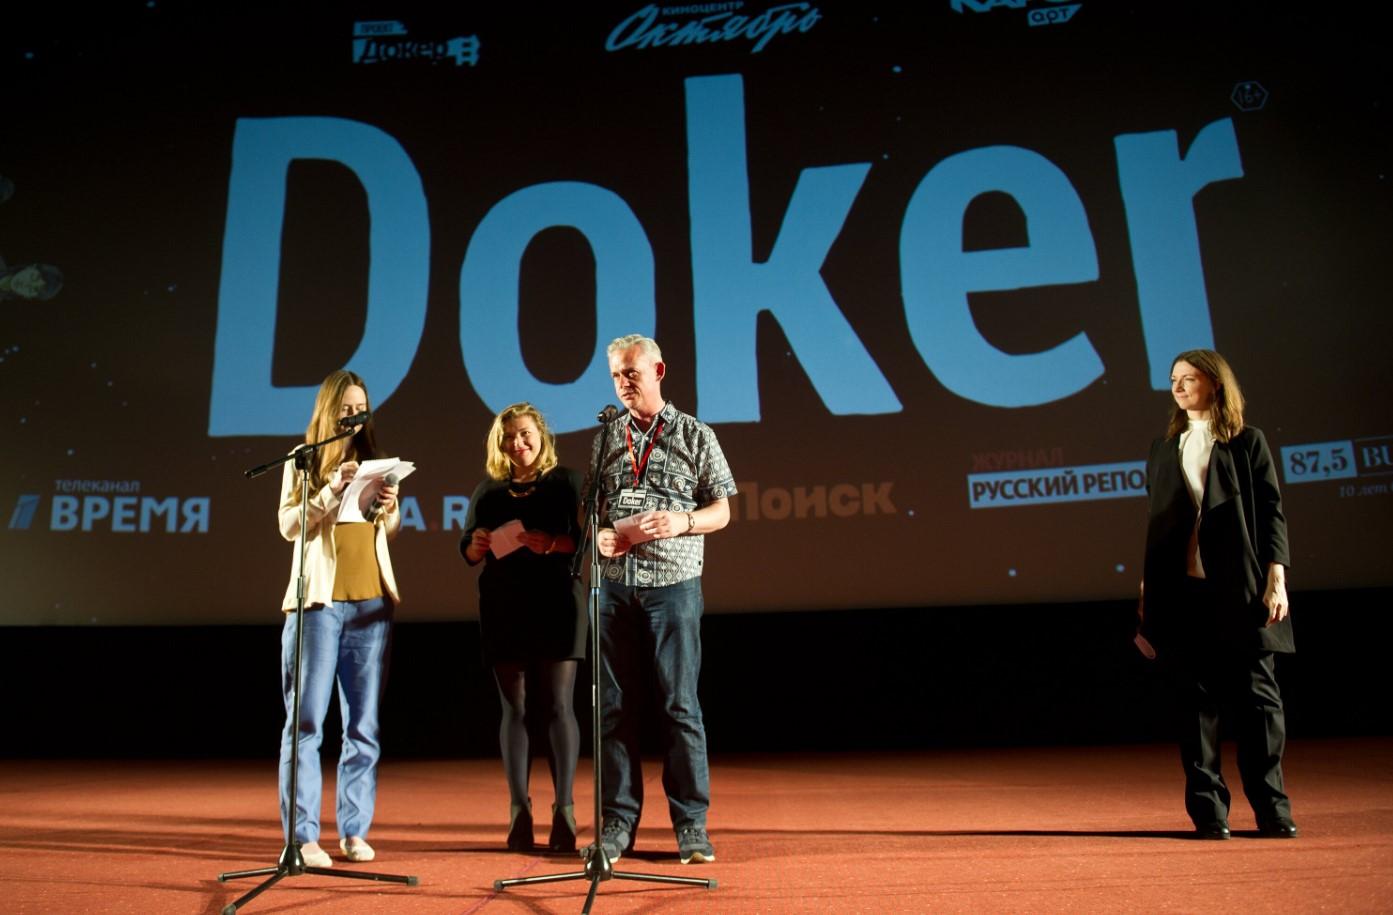 Фестиваль документального кино «Докер» пройдет с21 по30августа